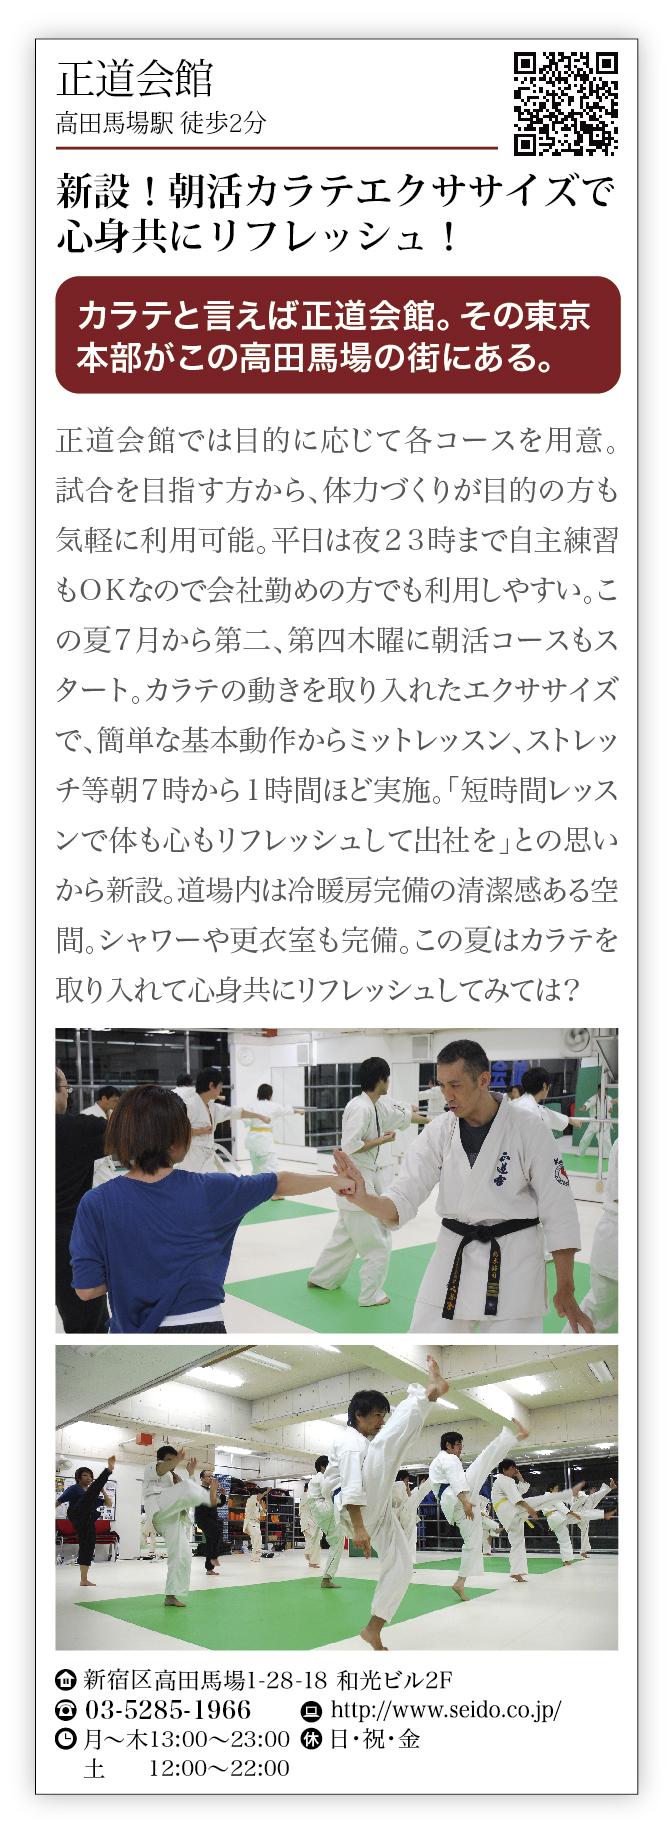 正道会館 東京本部